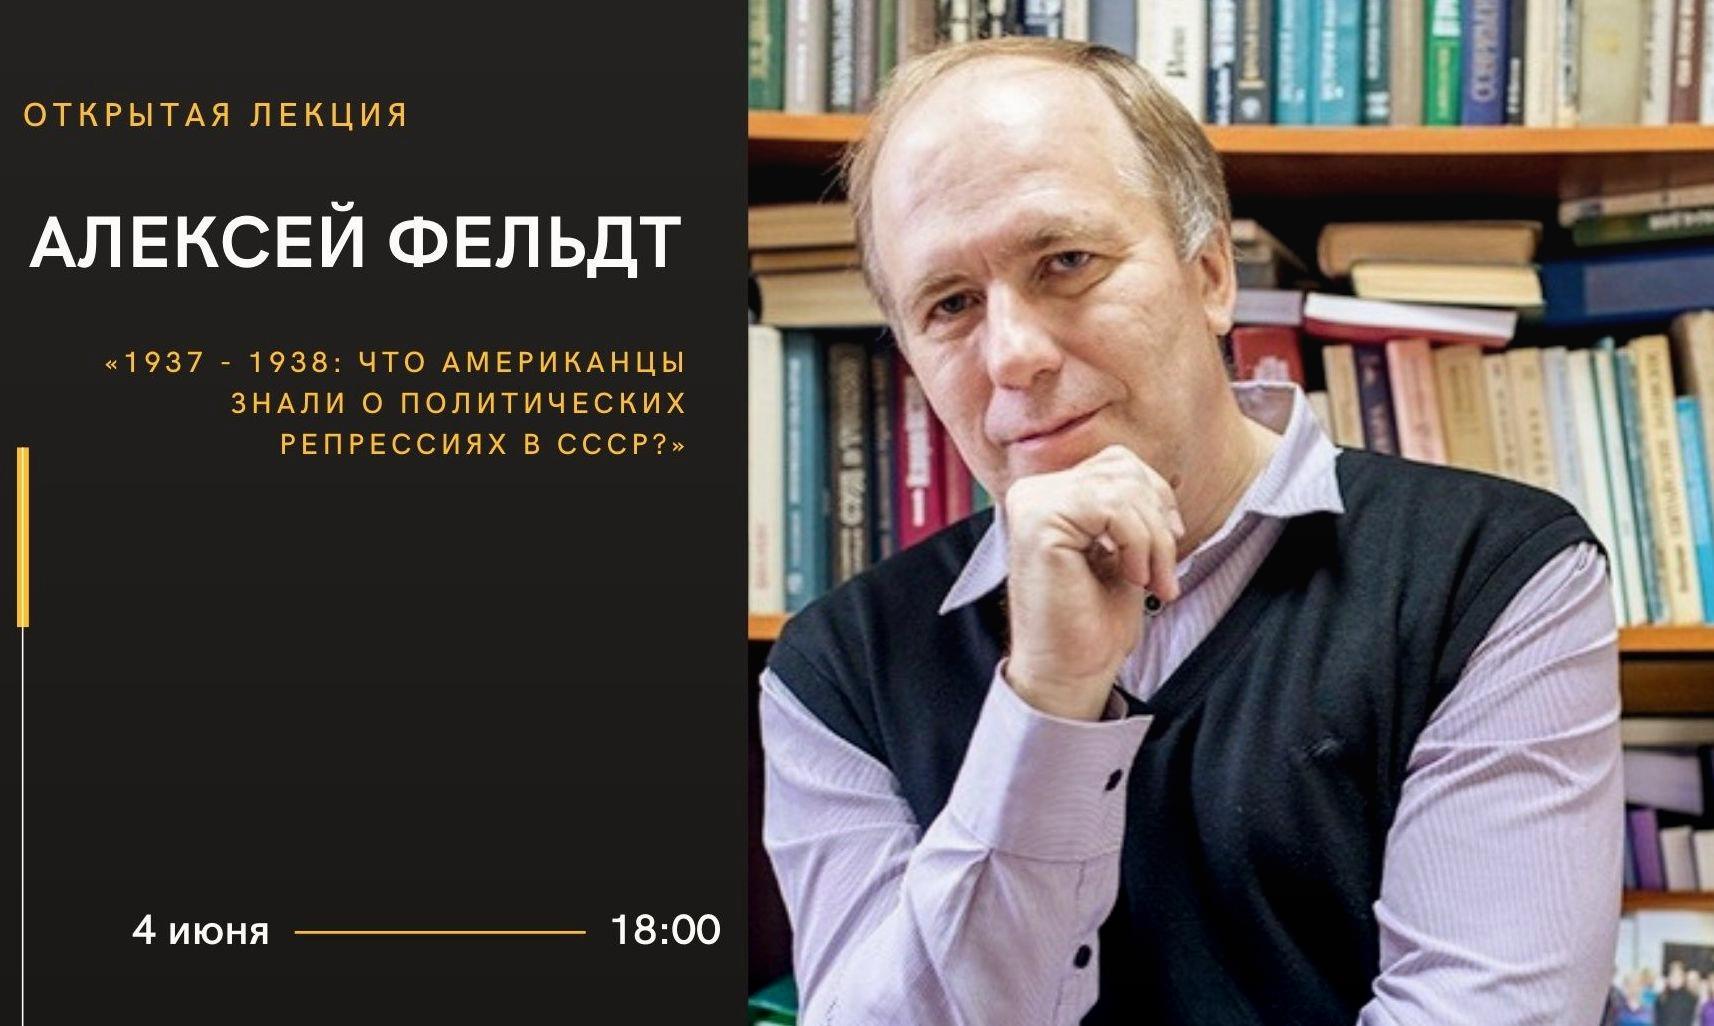 Открытая лекция Алексея Фельдта